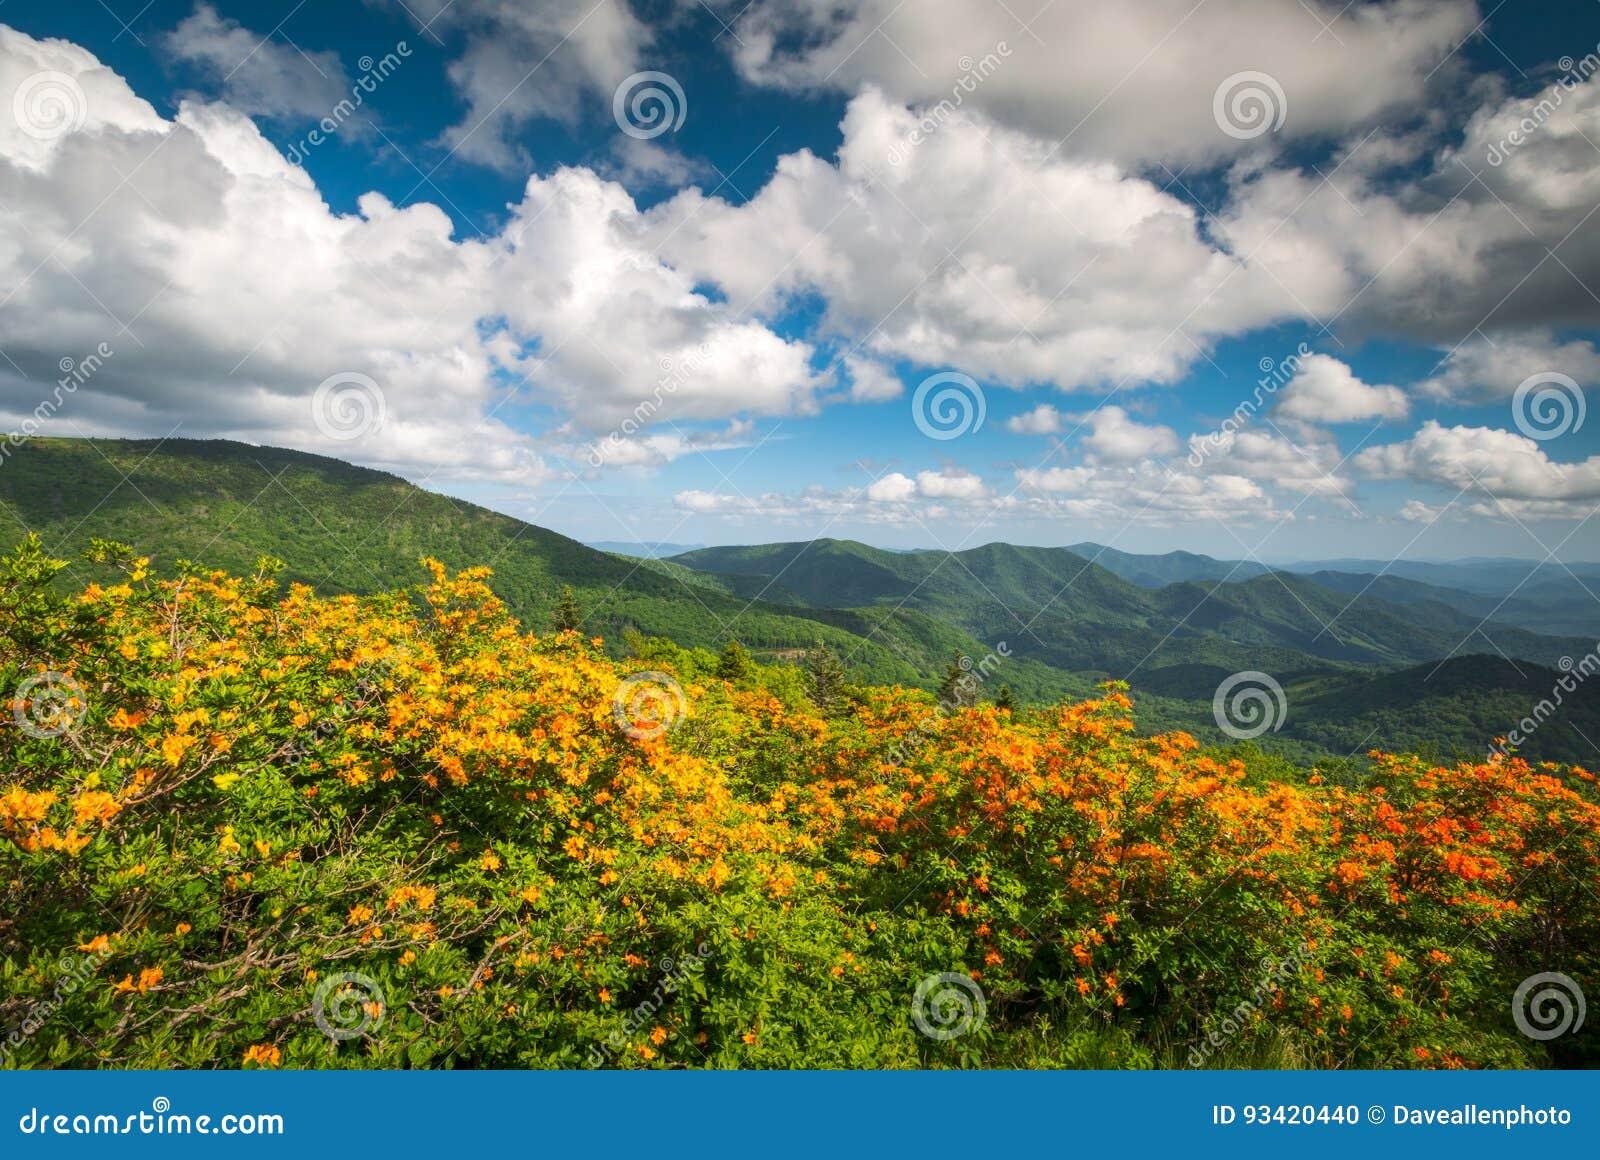 Halna płomień azalii wiosna Kwitnie Scenicznego Krajobrazowego Appalachia